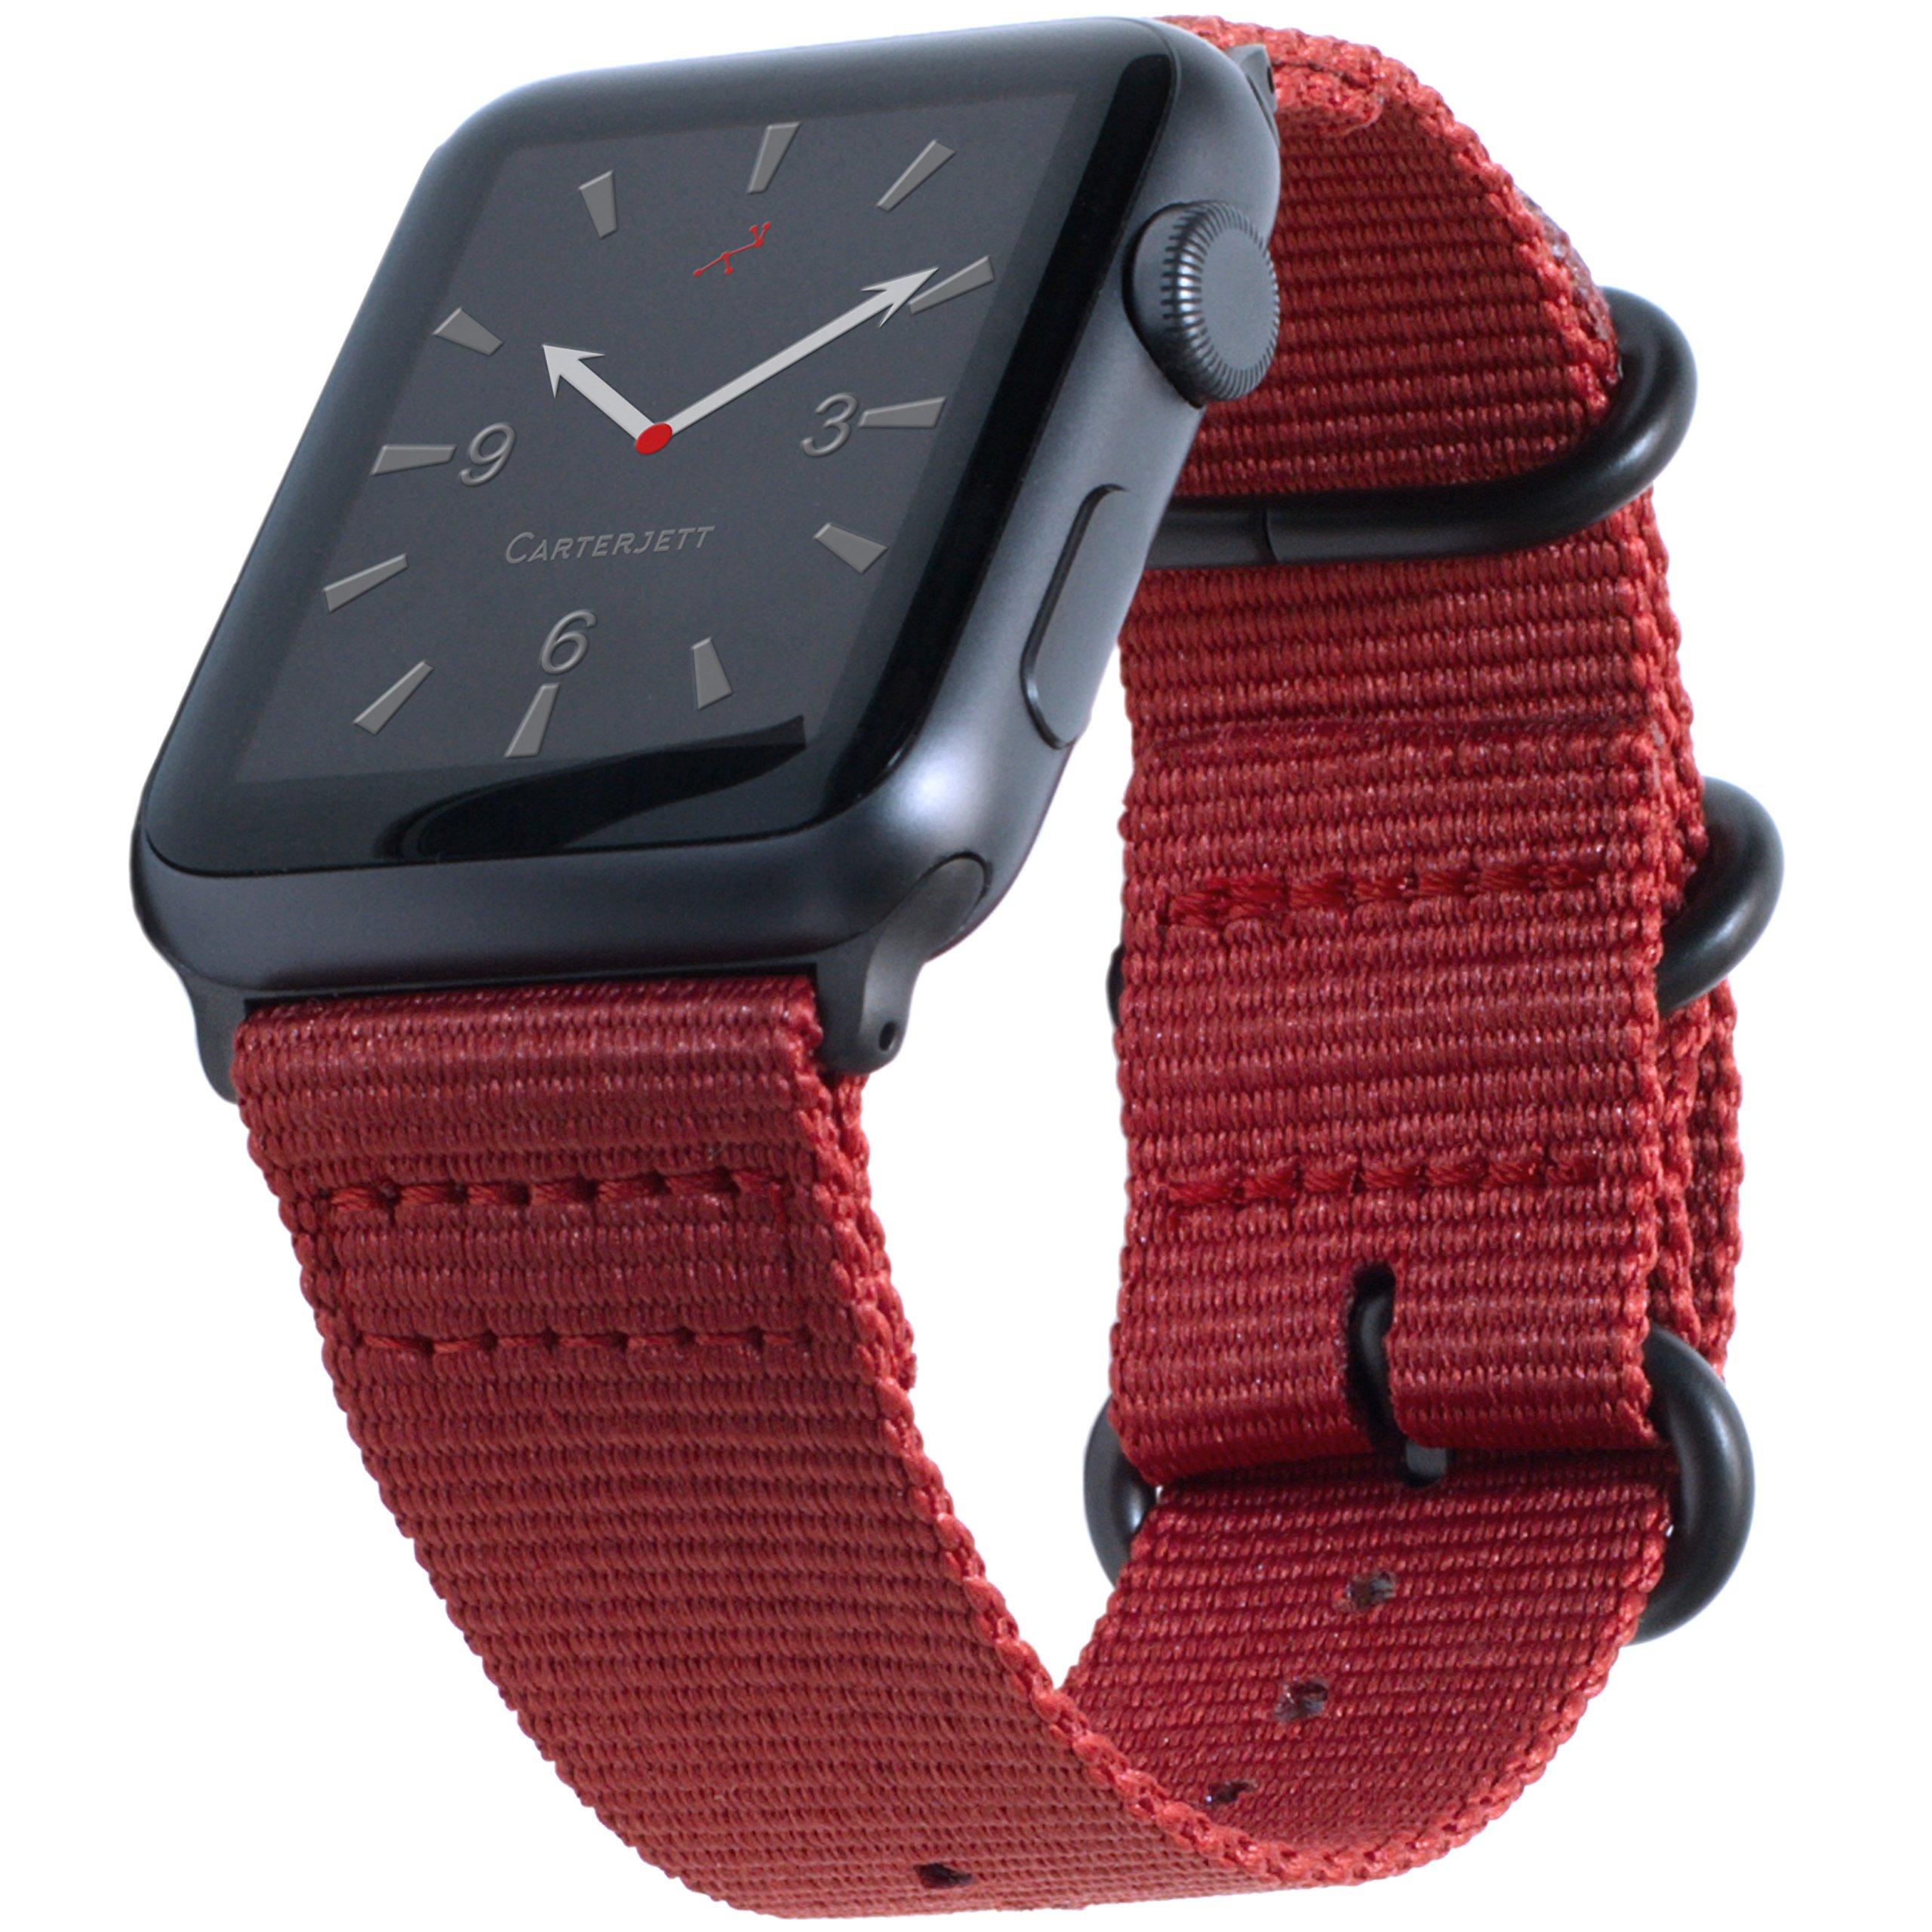 Malla Nylon para Apple Watch (42/44mm) CARTERJETT [746ZM98W]